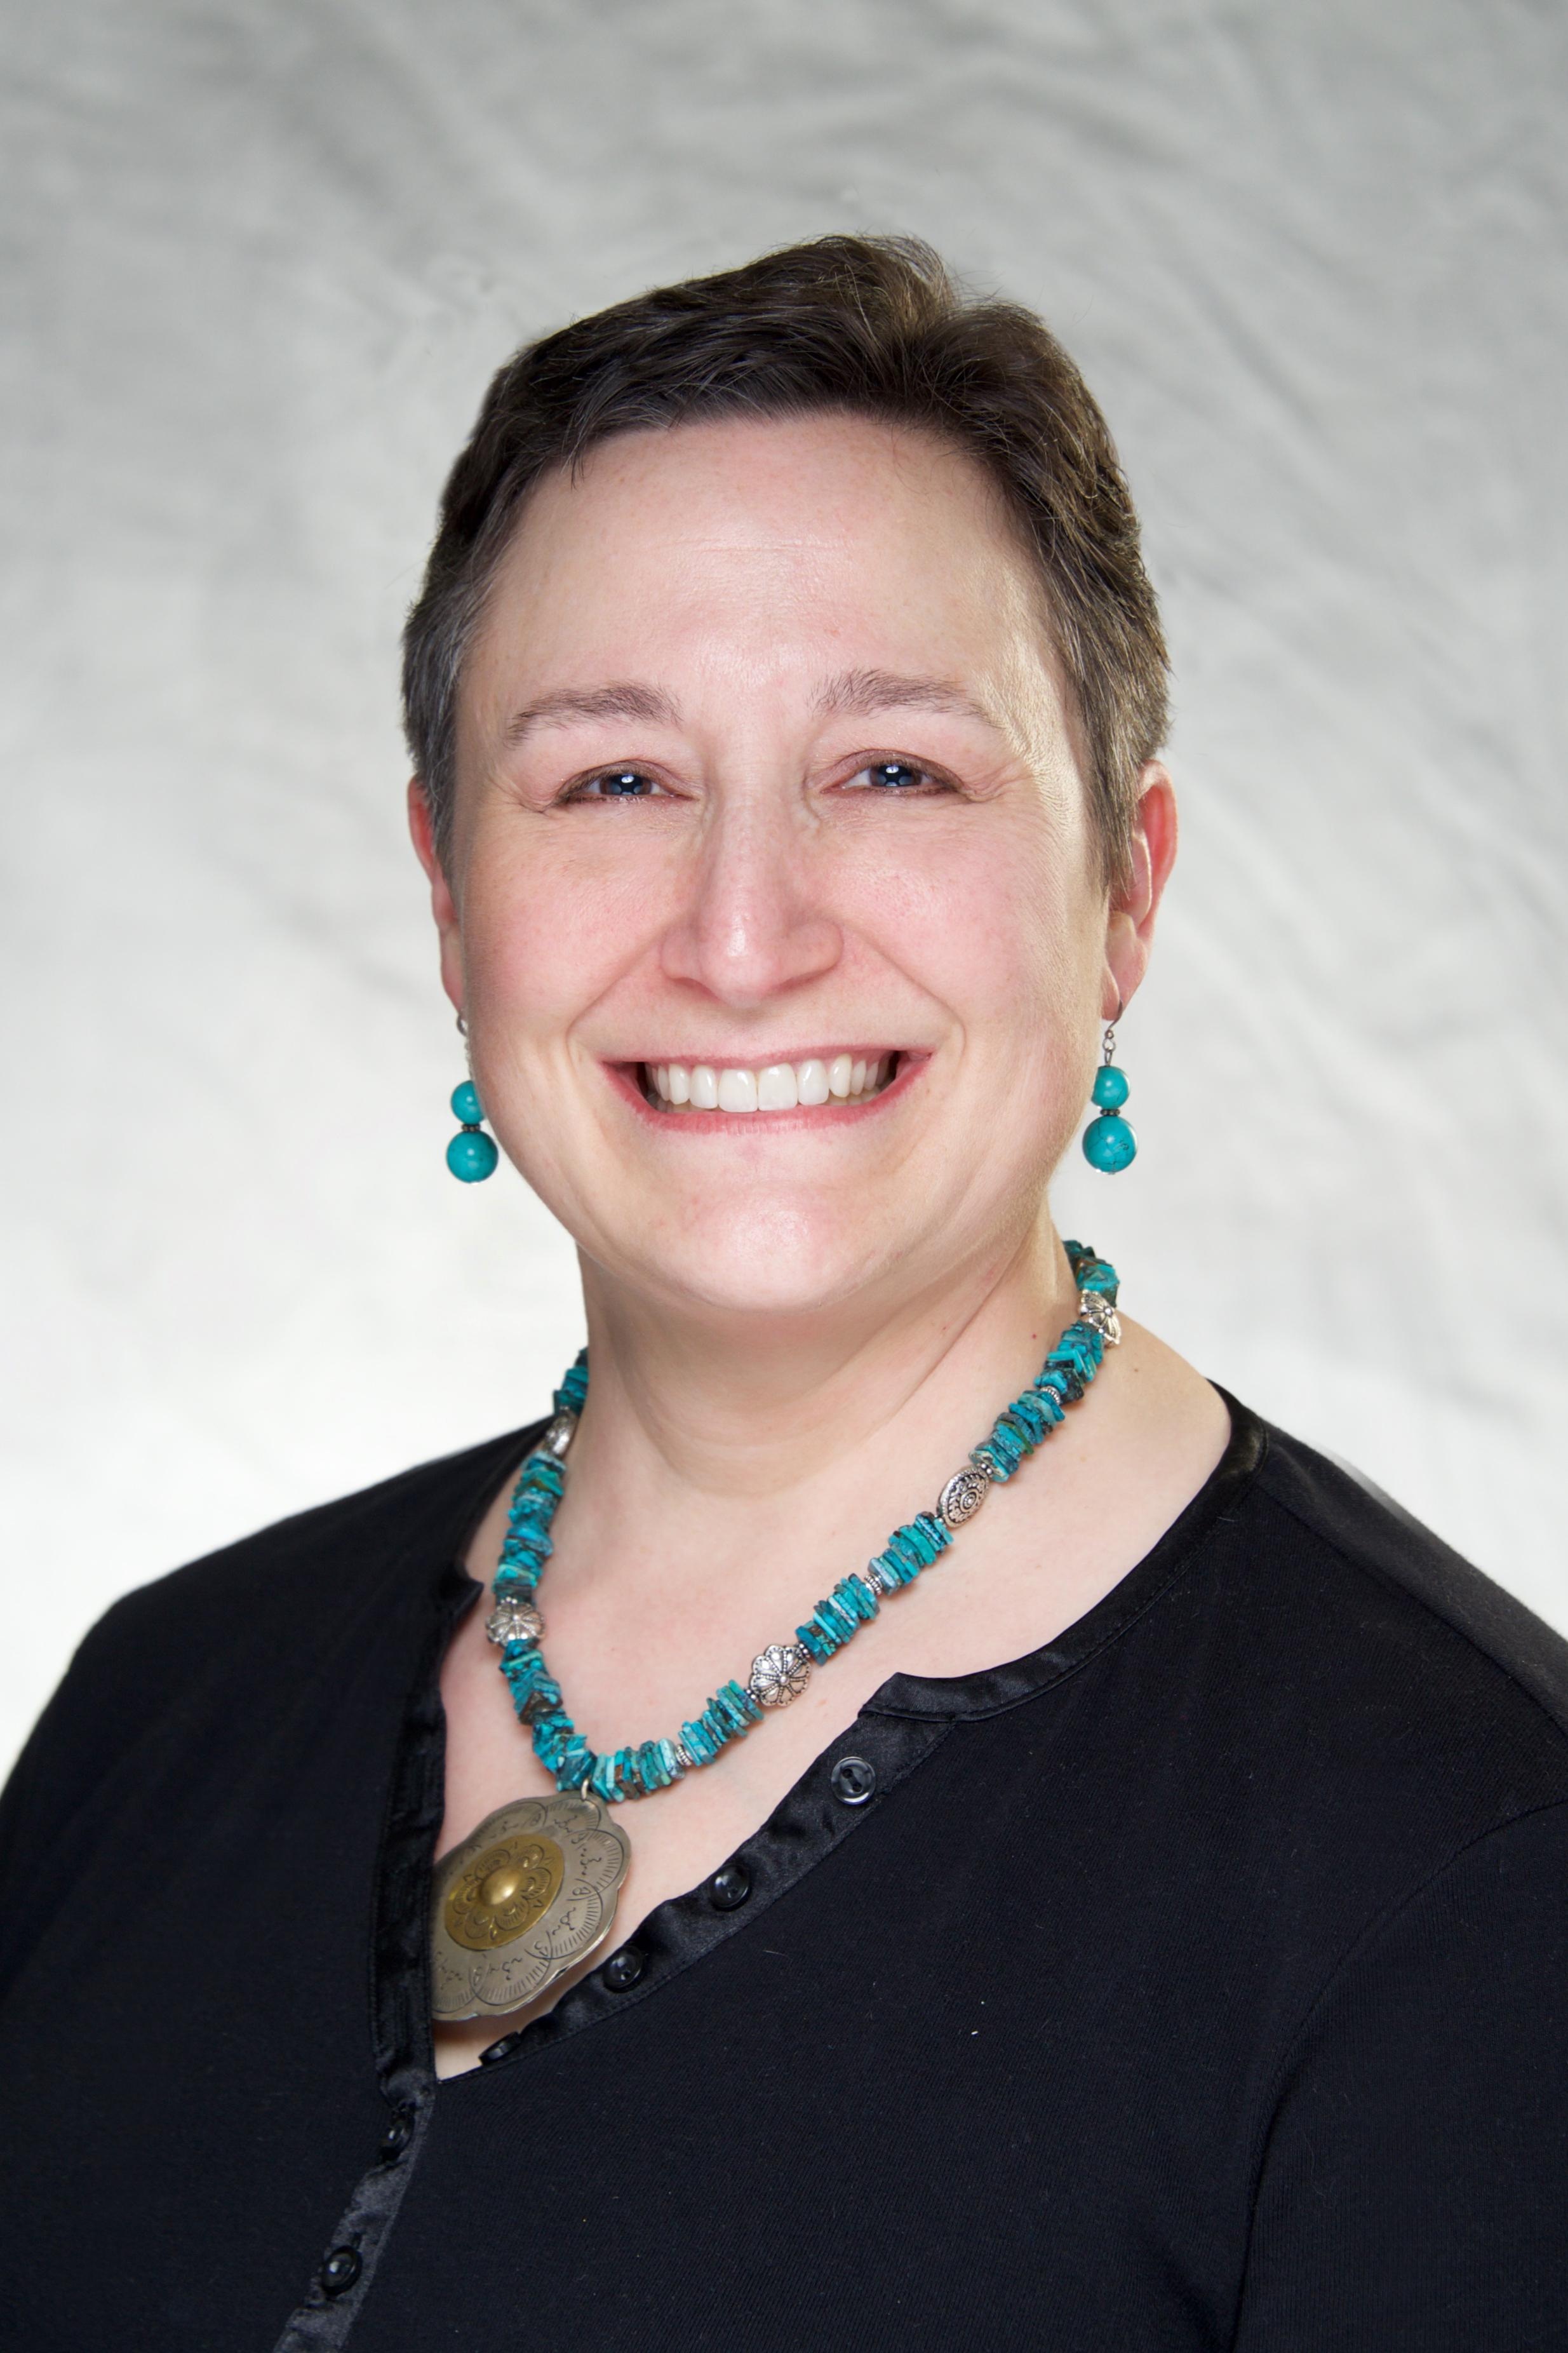 Dori Hinson